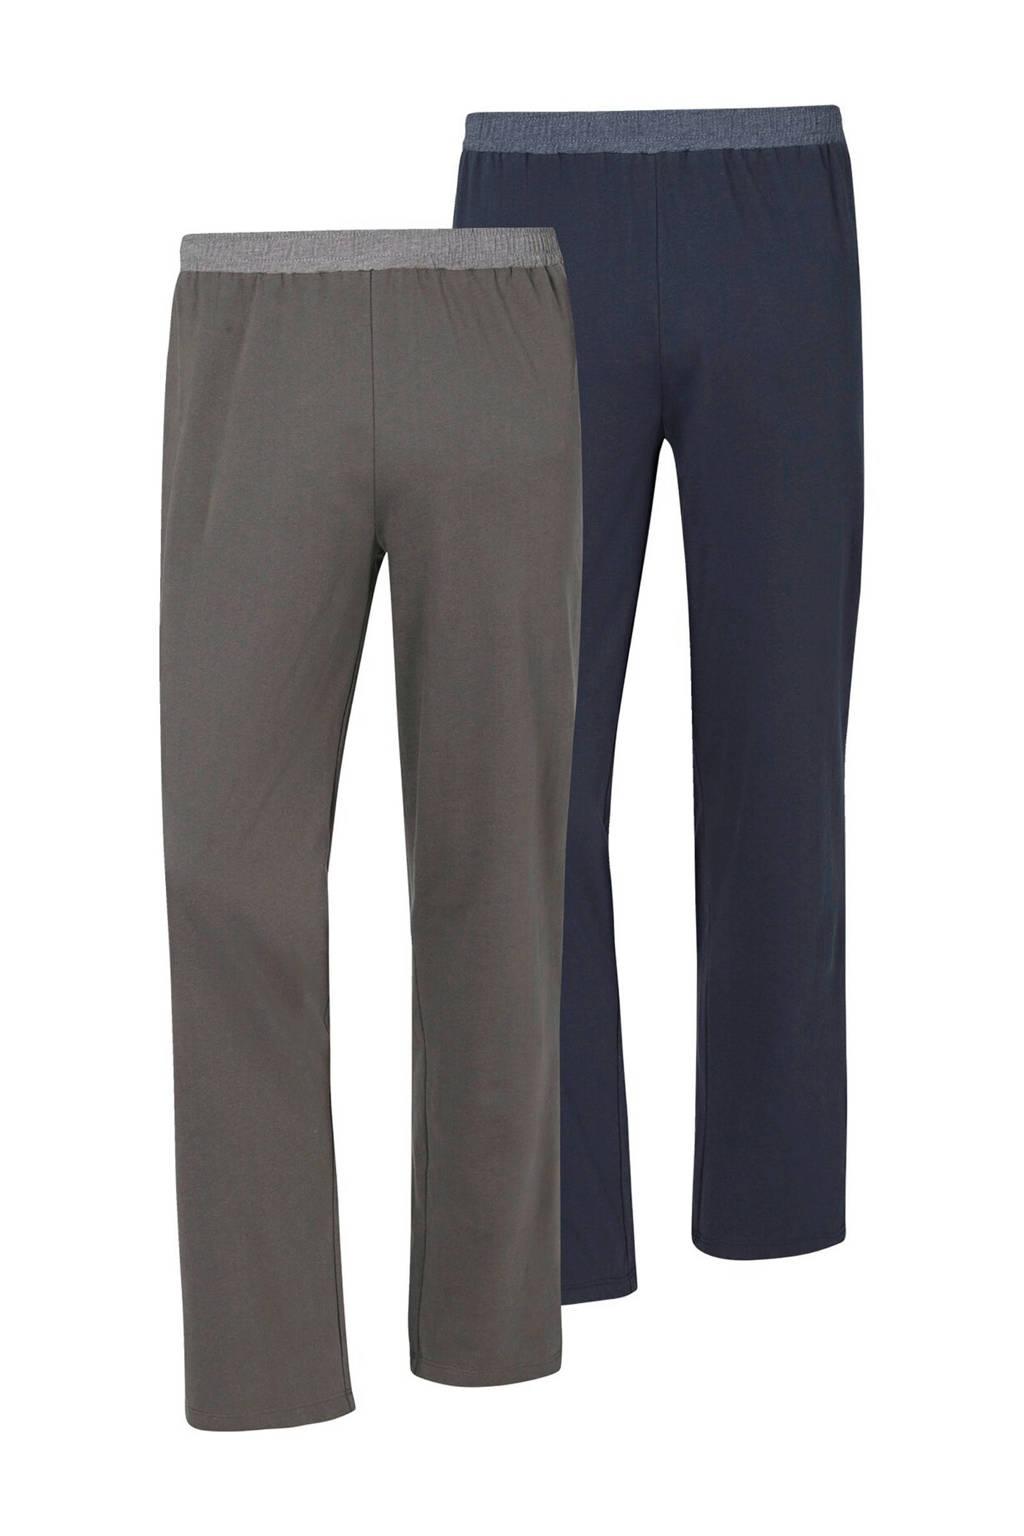 Jan Vanderstorm loose fit joggingbroek Plus Size donkerblauw/grijs (set van 2), Donkerblauw/grijs